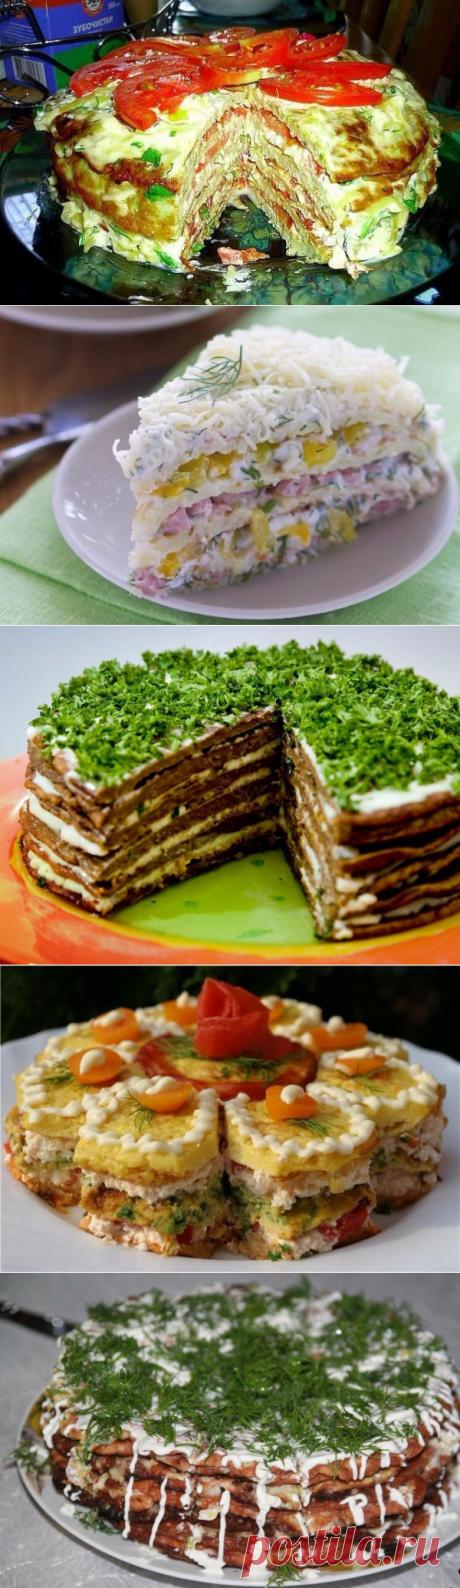 Топ-5 рецептов закусочных тортов | Четыре вкуса